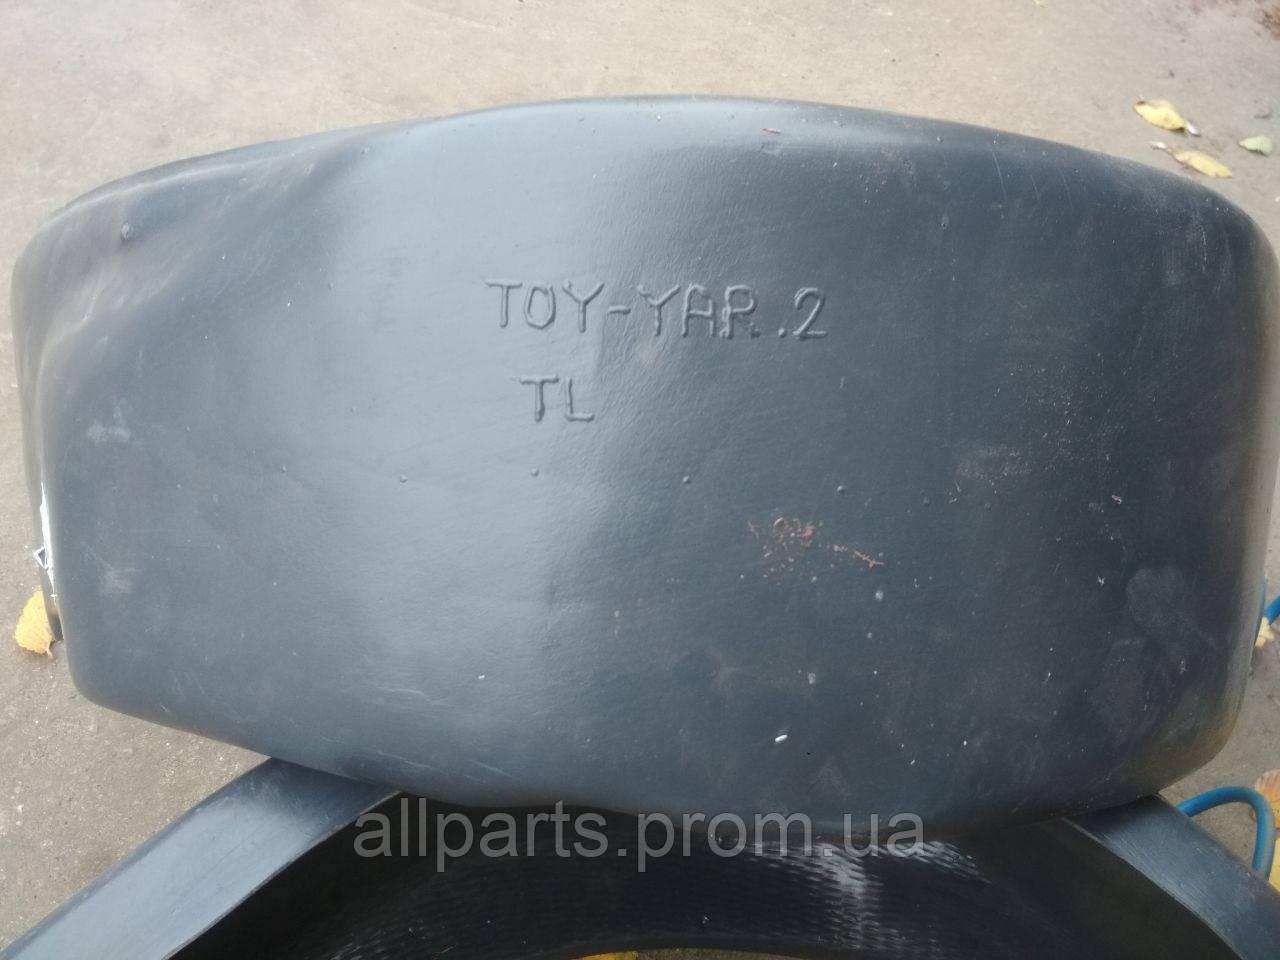 Подкрылки задние Toyota Yaris II p90/100 '2006-10 - защита арок